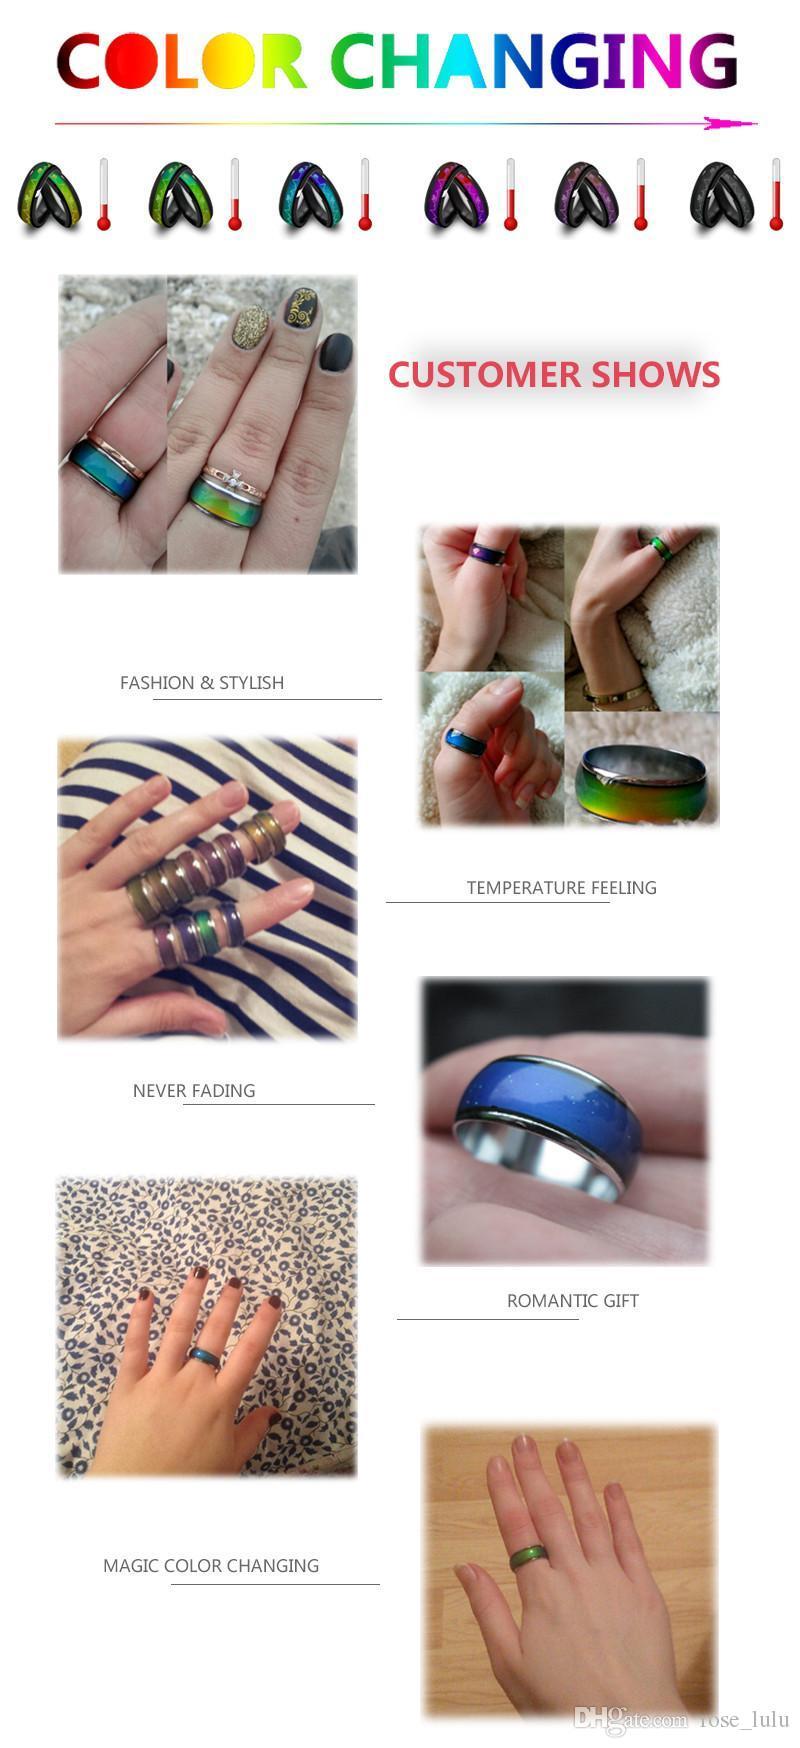 도매 색상 링 여성 약혼 반지 구리 손가락 와이드 6mm 믹스 사이즈 패션 분위기 링 색상 변경 합금 쥬얼리 DHL 무료